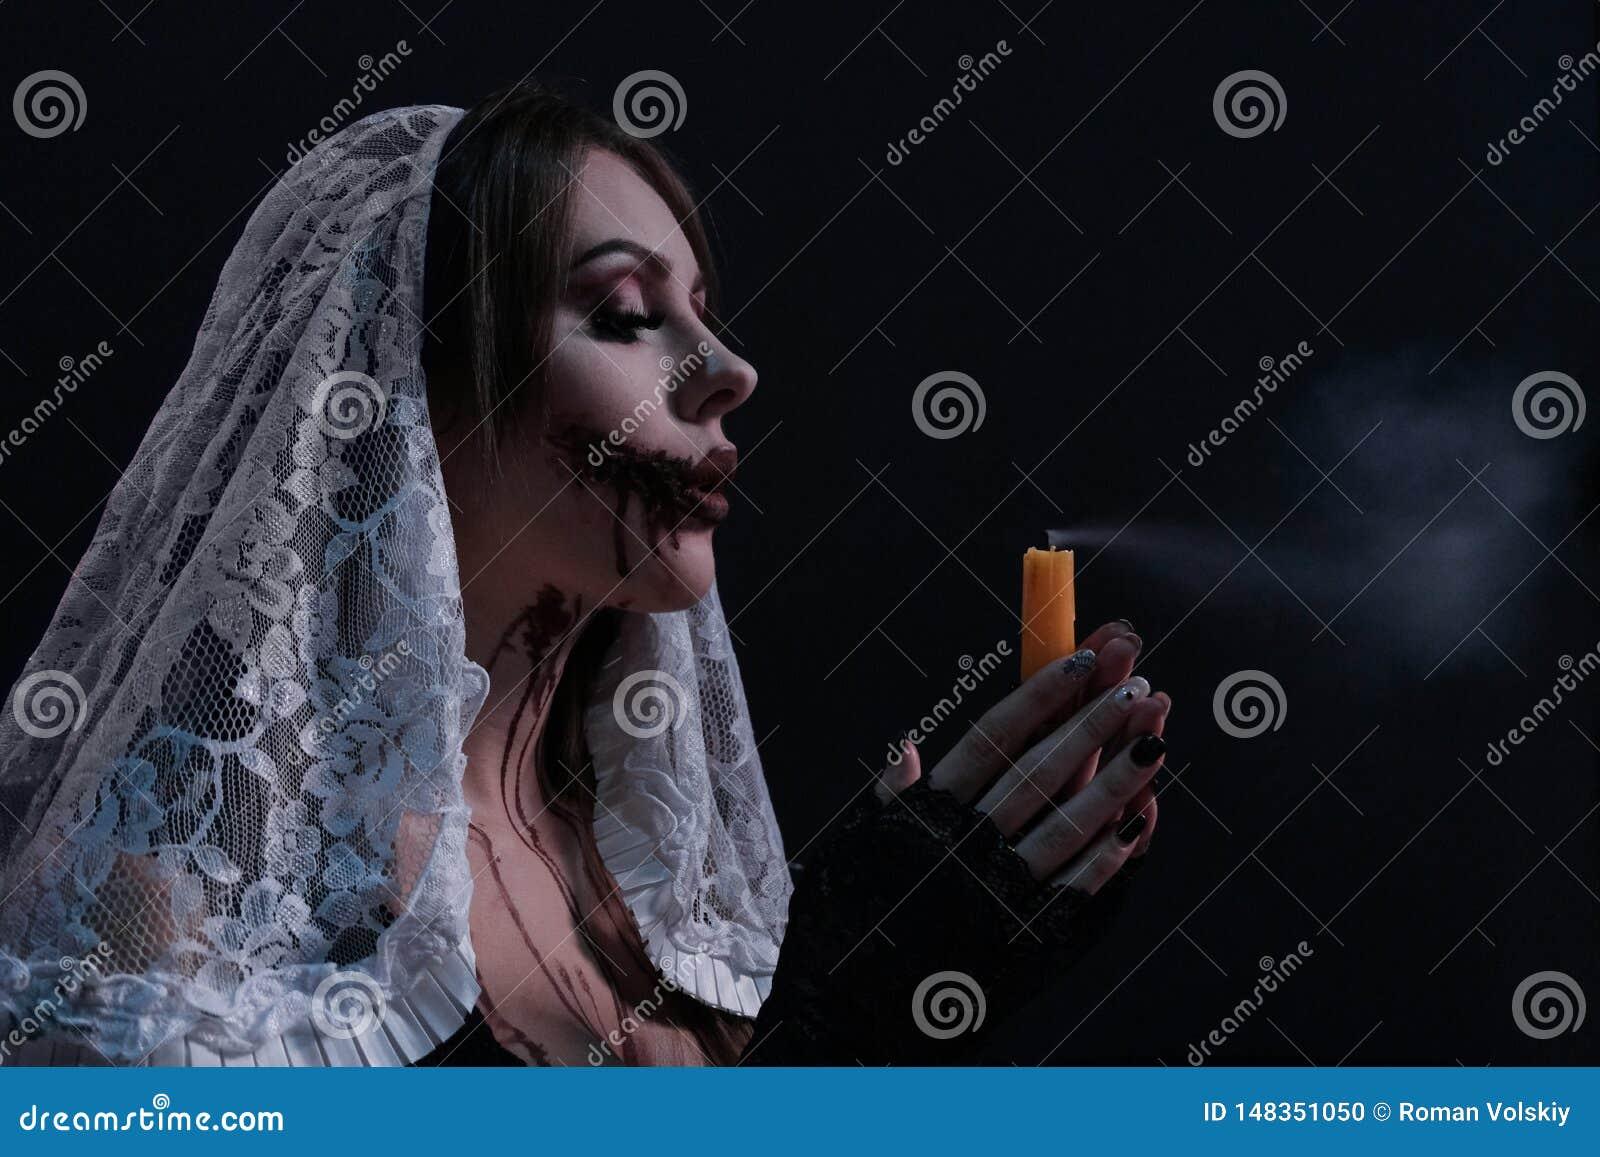 La bella ragazza in un costume terribile della suora spegne la candela Ritratto della donna con trucco di Halloween Concetto per